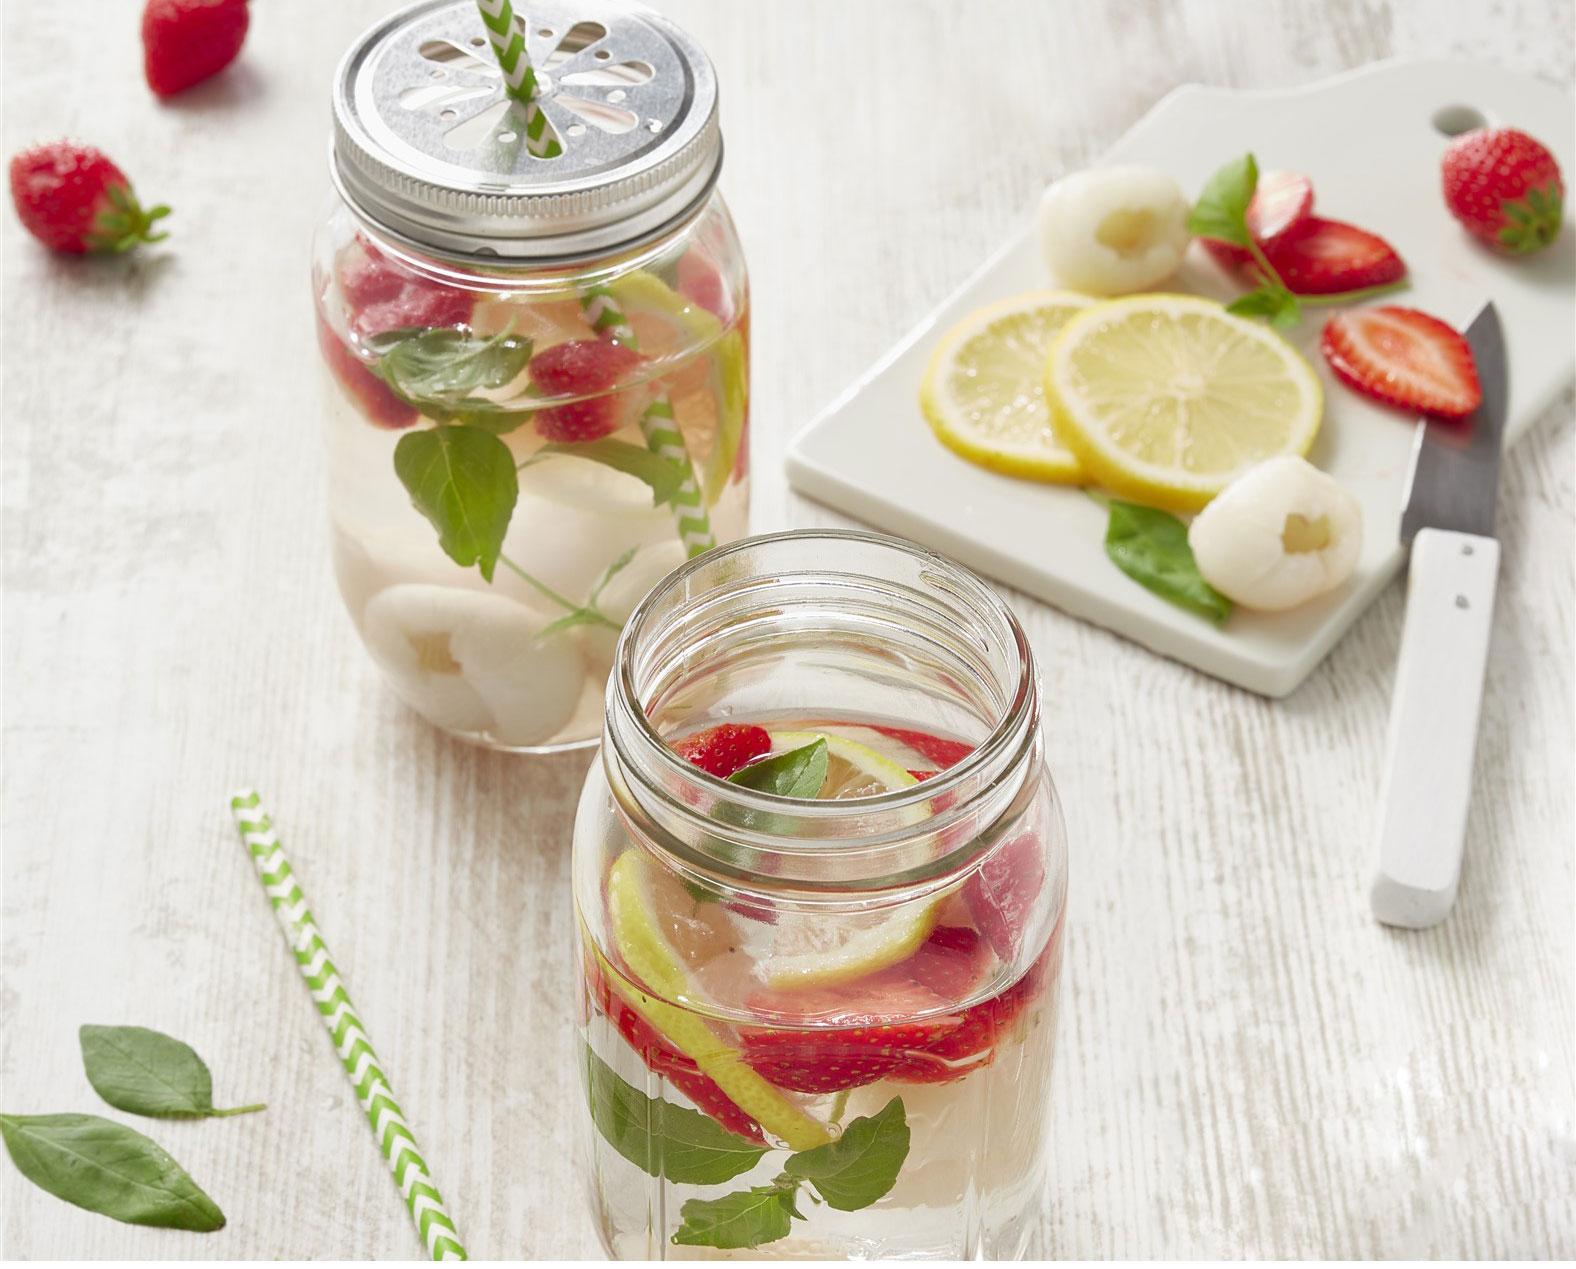 Eau aromatisée fraises menthe citron framboises